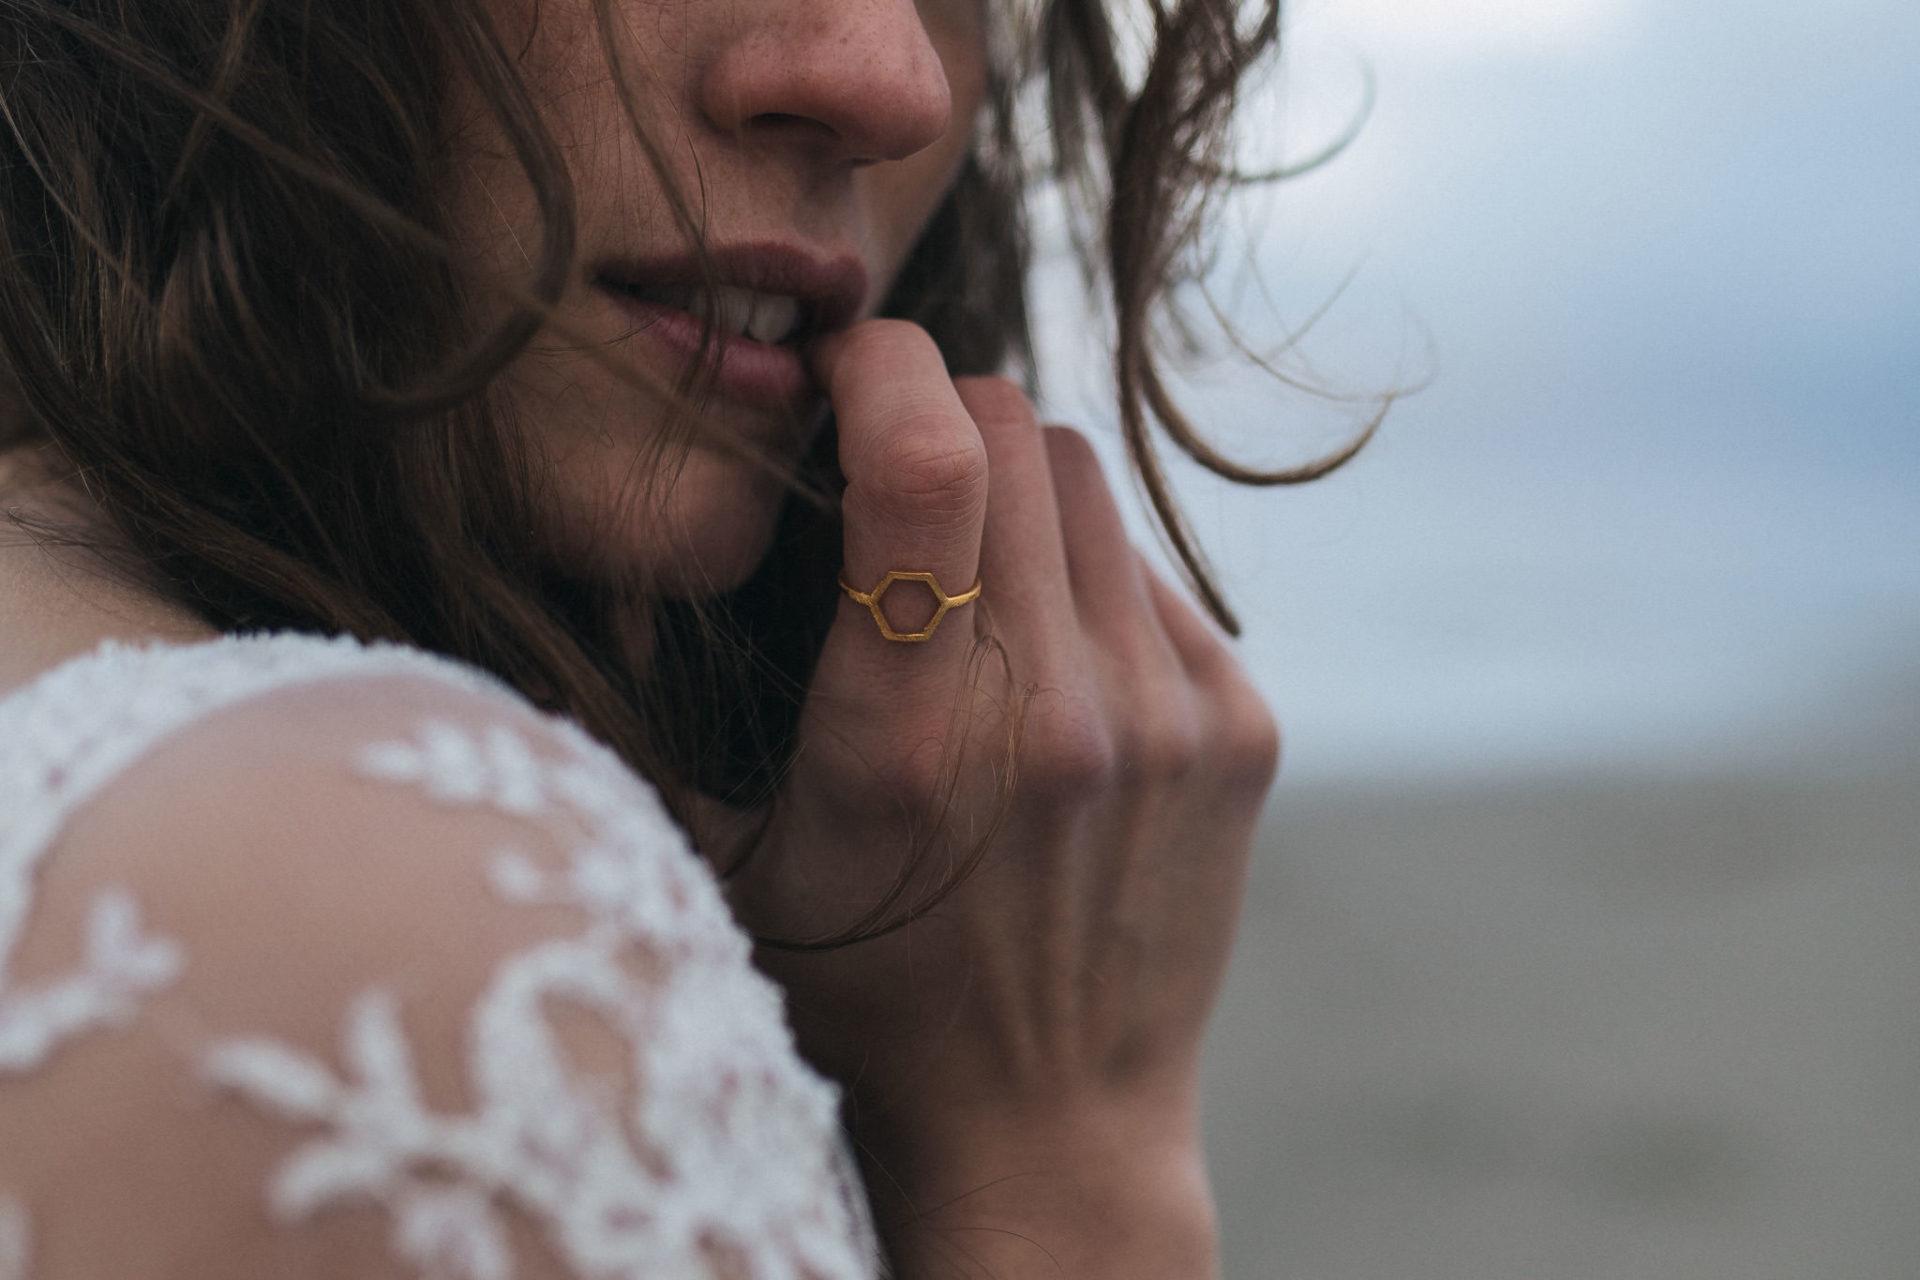 Hochzeitsfotograf Sankt Peter Ording Brautkleid Trauring Traumringe Michaela Römer Elfenkleid